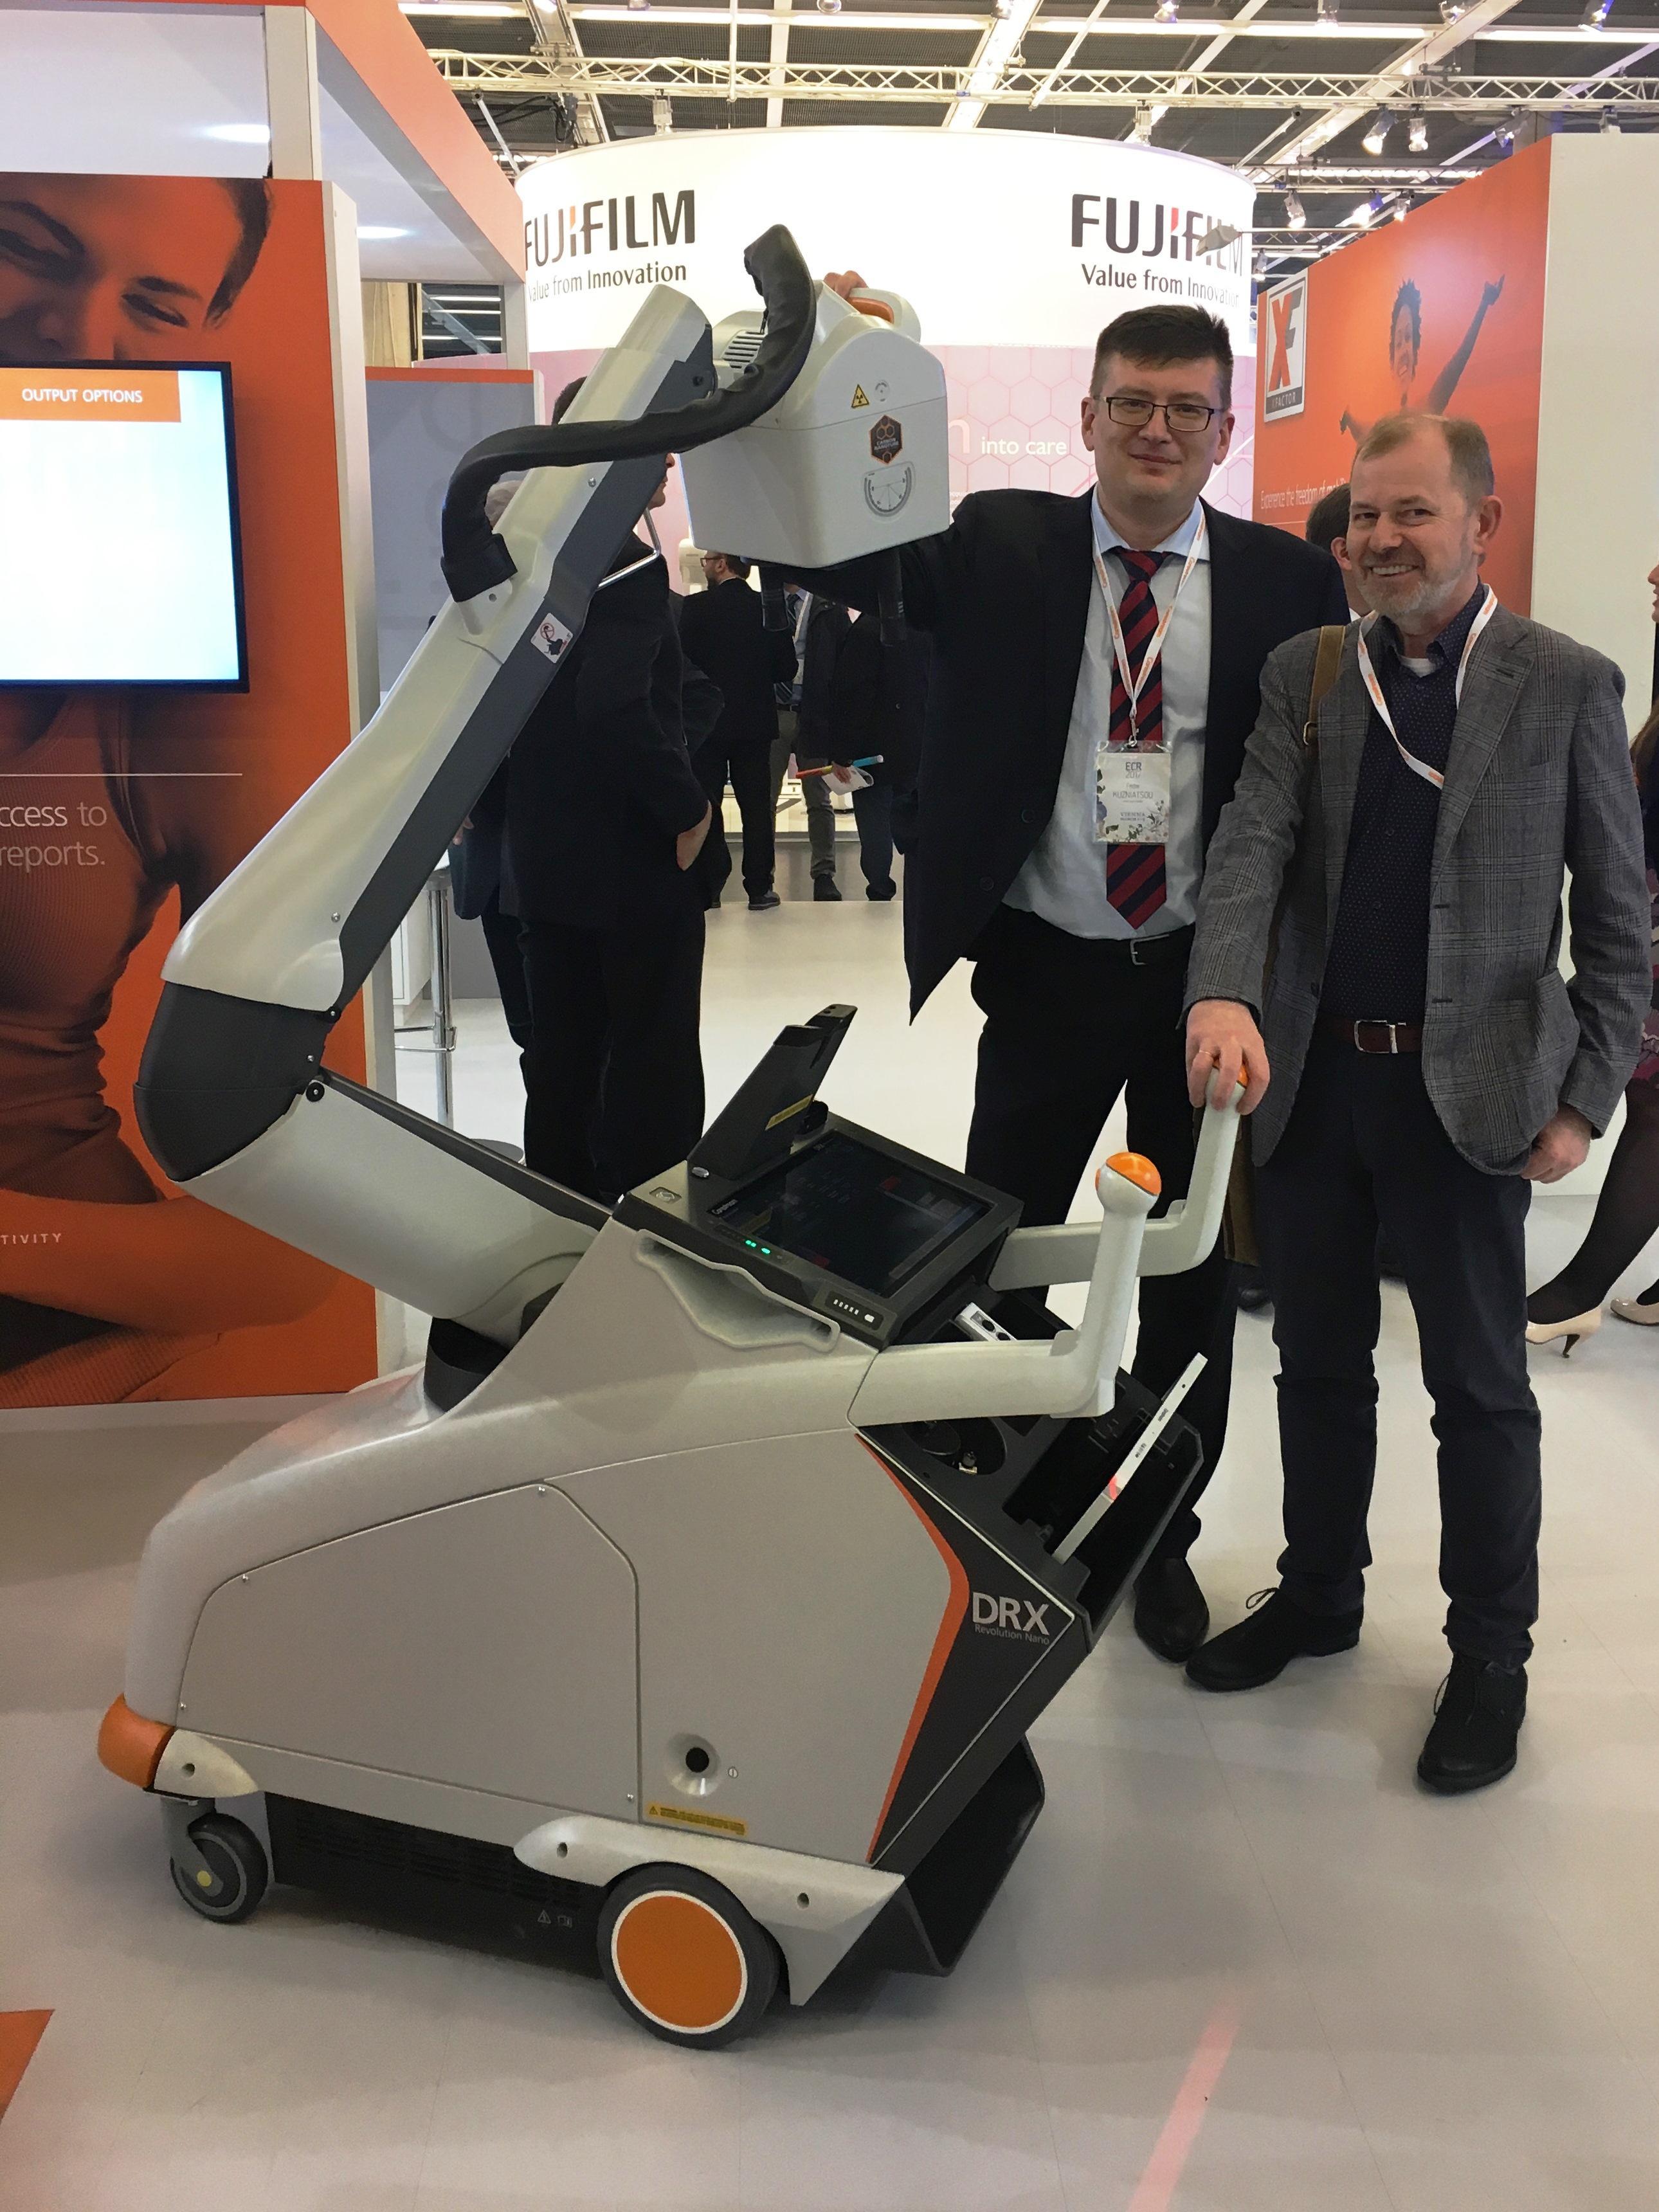 Новинка компании Carestream Health, мобильный рентгенаппарат DRX Revolution Nano, оснащен карбоновой рентгеновской нано-трубкой, отлично сбалансирован и очень удобен в эксплуатации